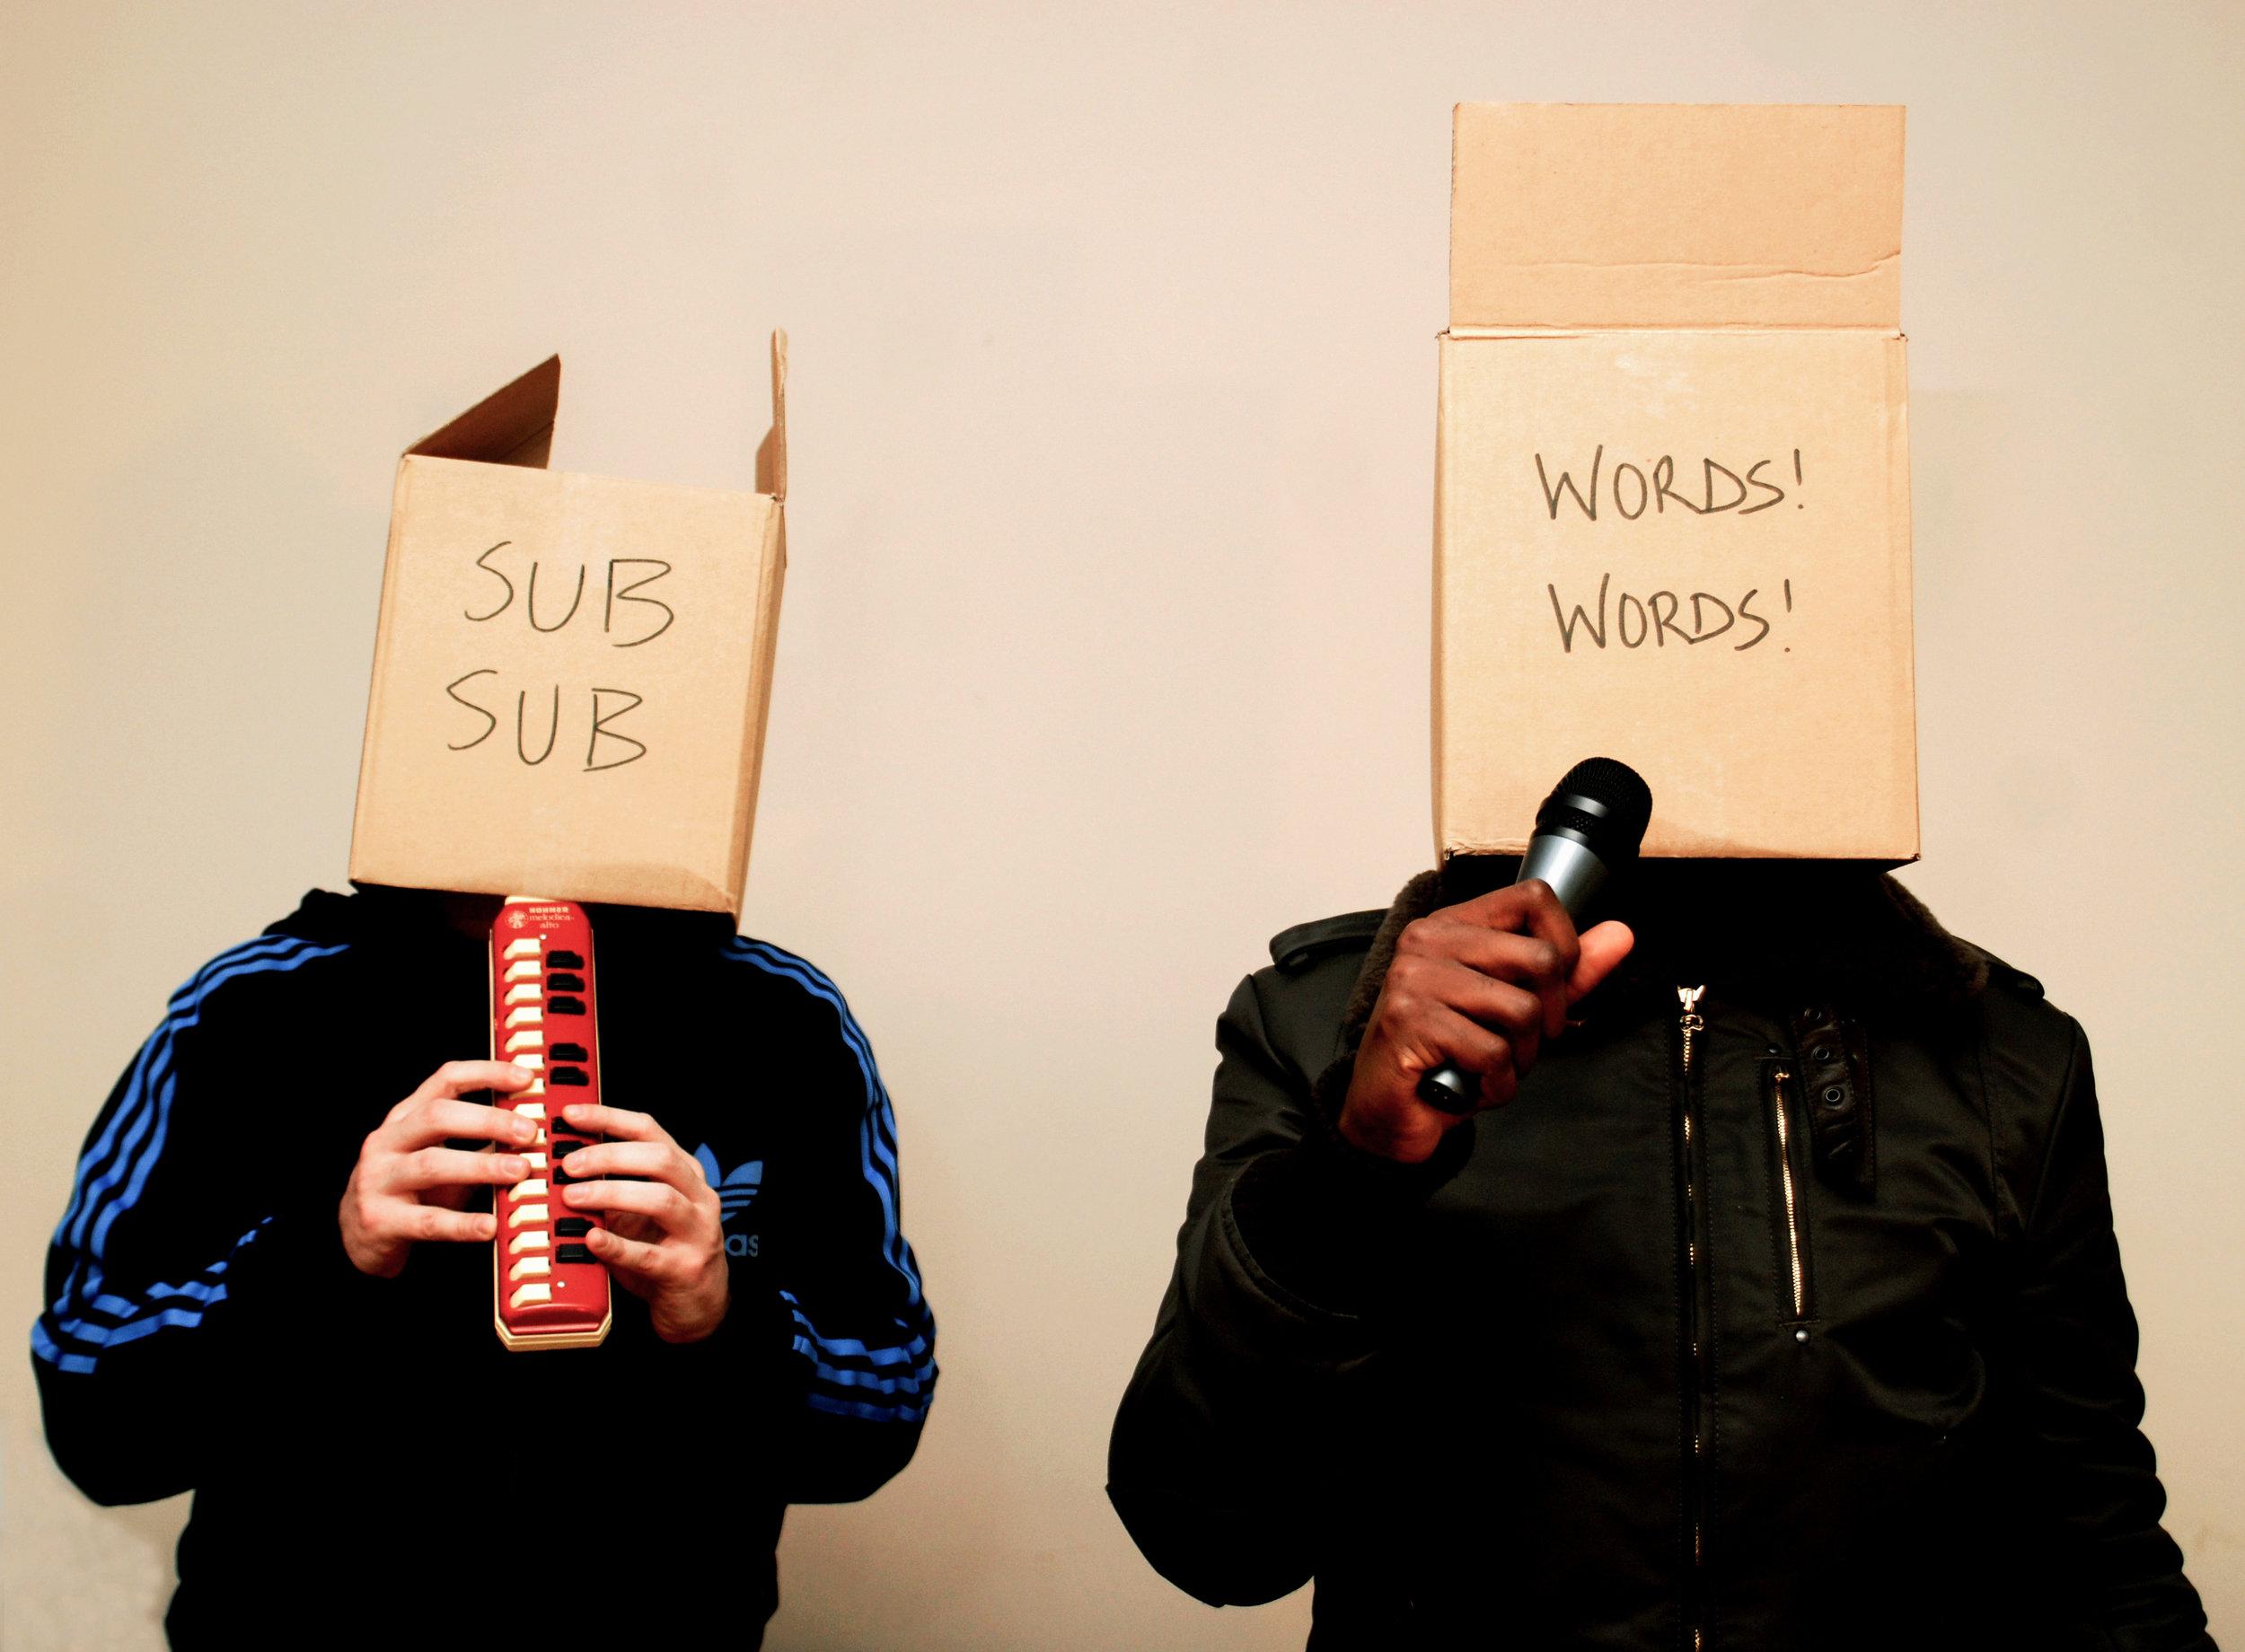 SUB-SUB, WORDS! WORDS! - KODE 9 & THE SPACEAPE (HYPERDUB).